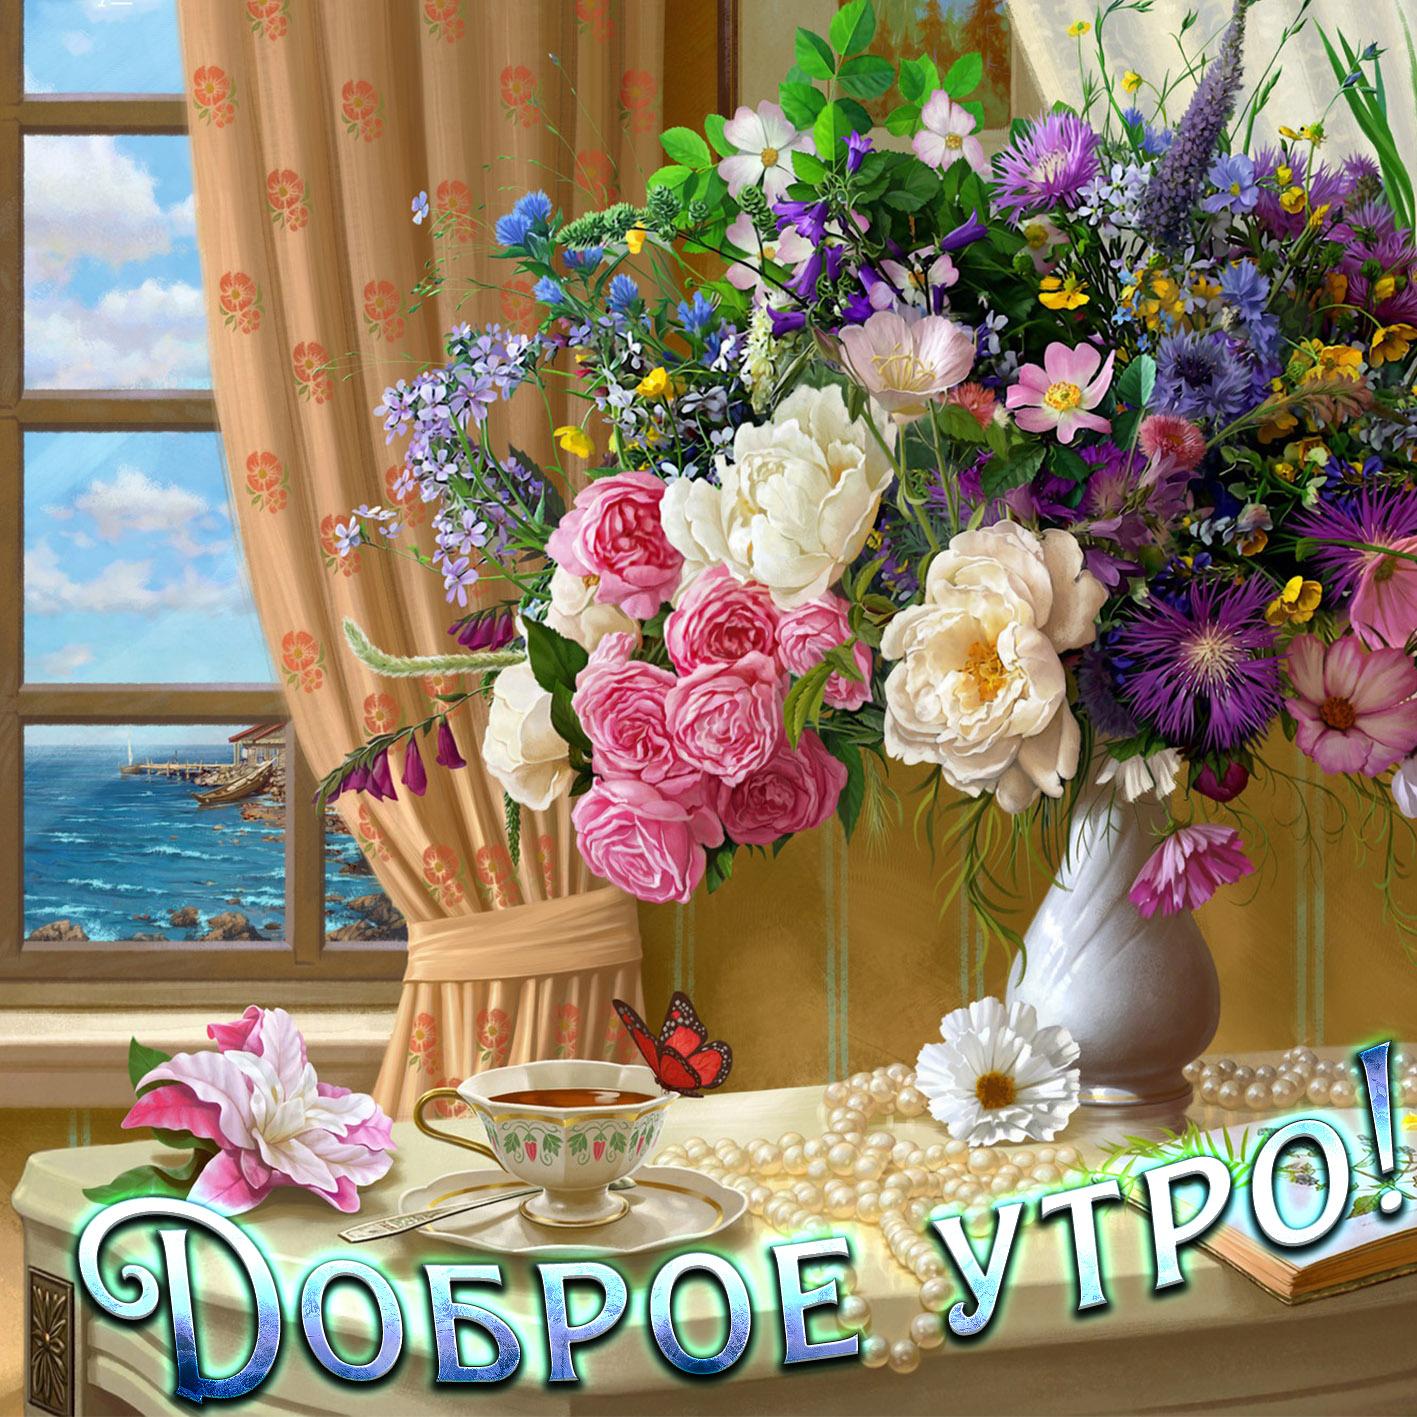 Открытки доброе утро и прекрасного дня с луговыми цветами это